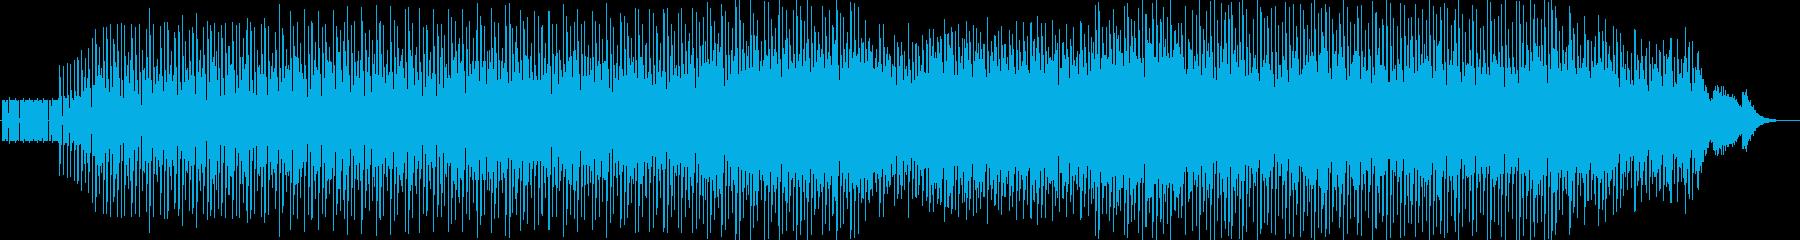 早いシャッフルの未来的ミニマルテクノの再生済みの波形